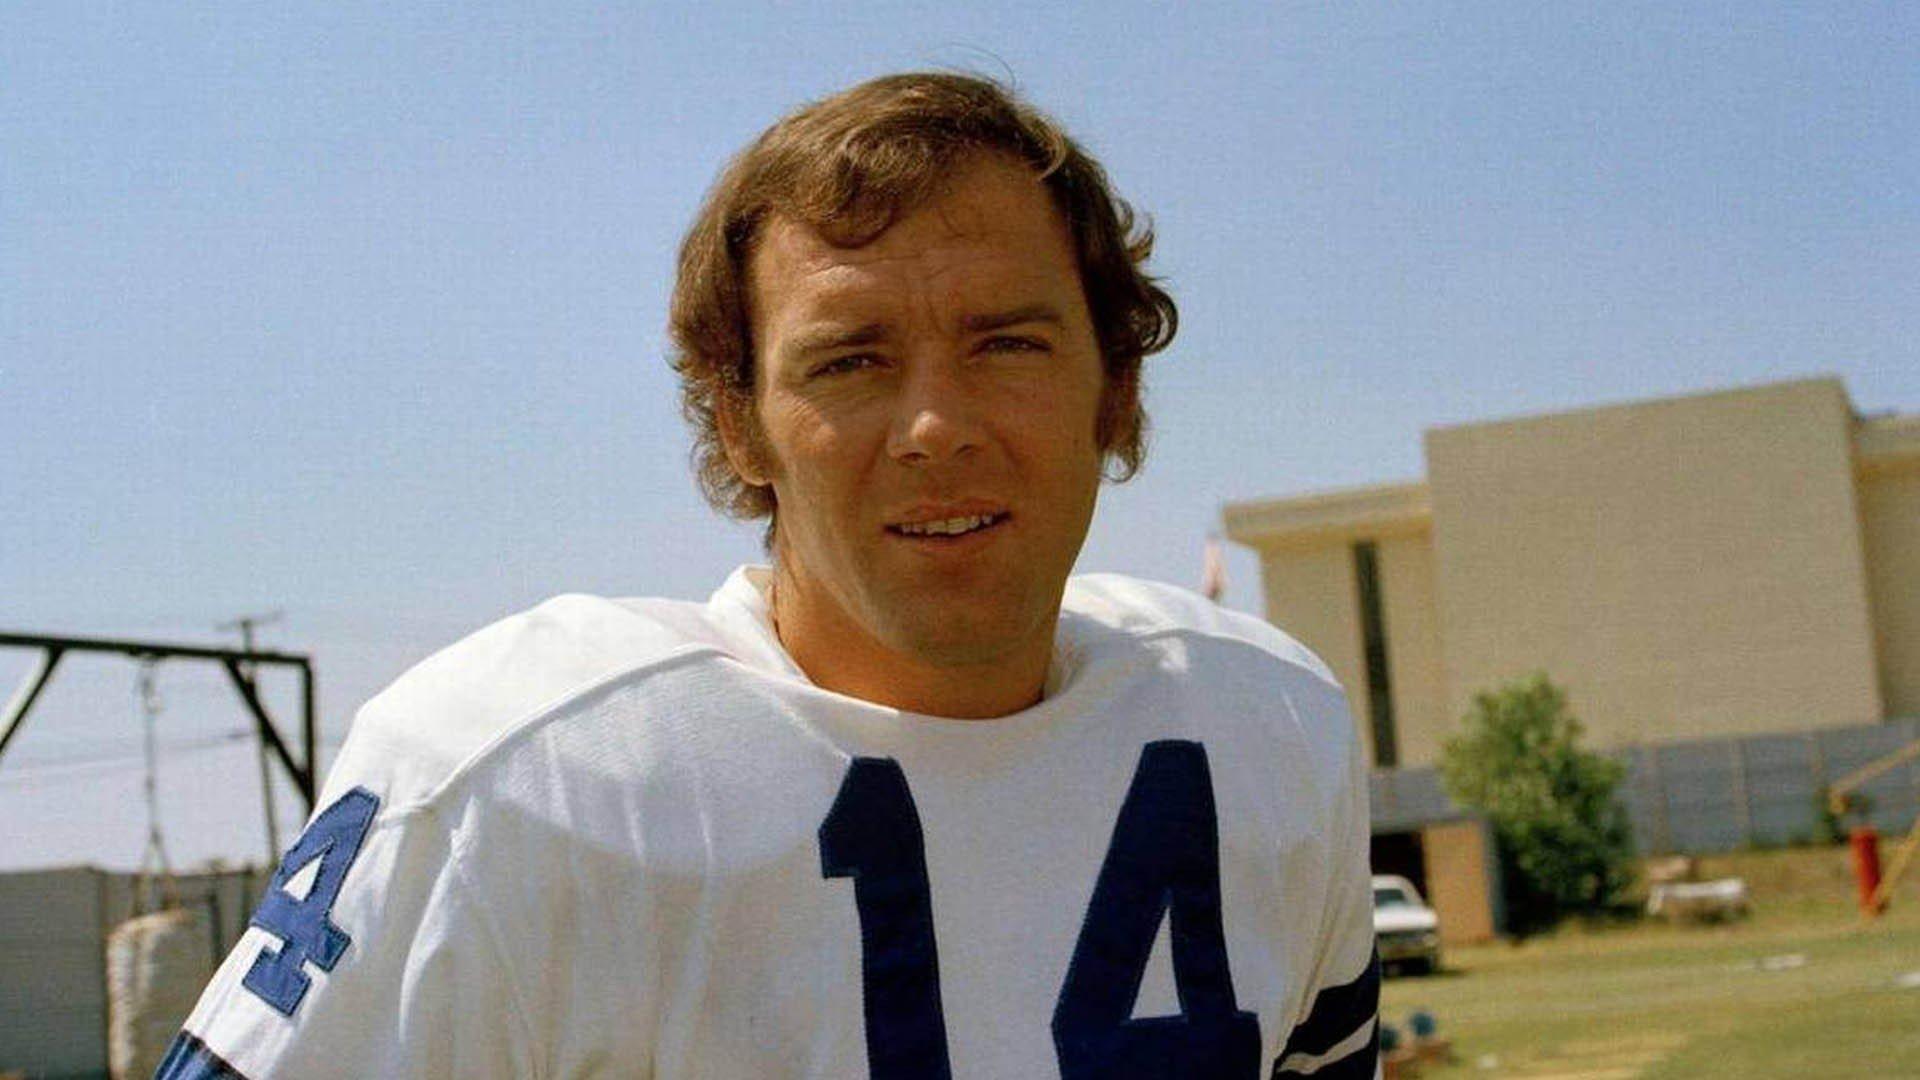 melhor quarterback do dallas cowboys